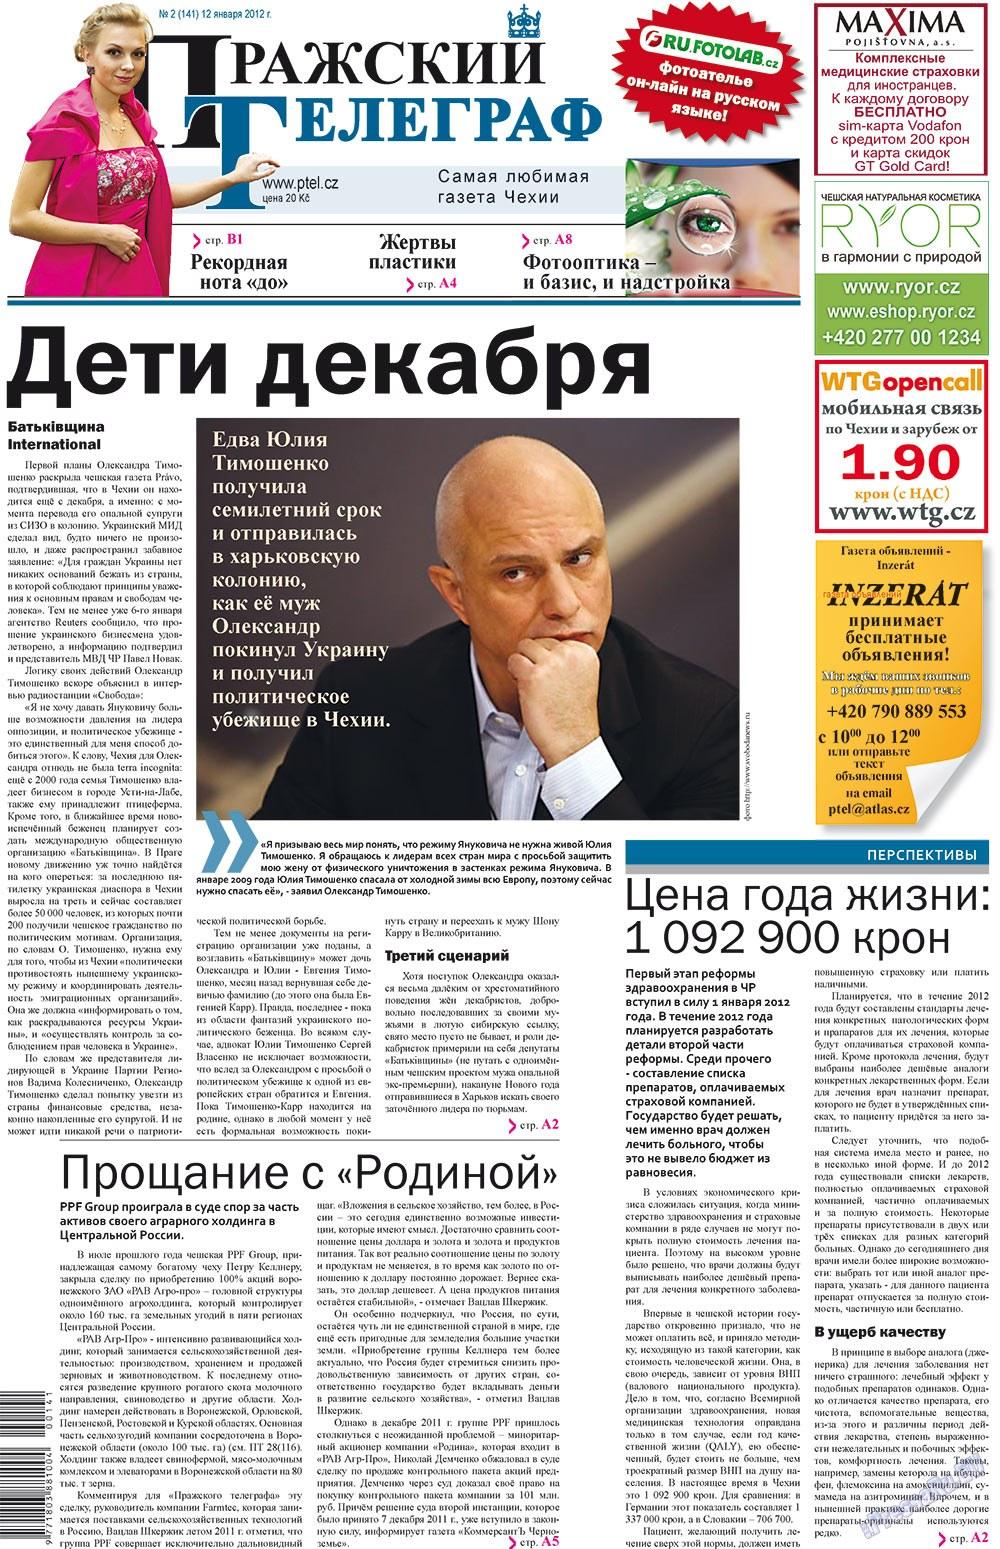 Пражский телеграф (газета). 2012 год, номер 2, стр. 1